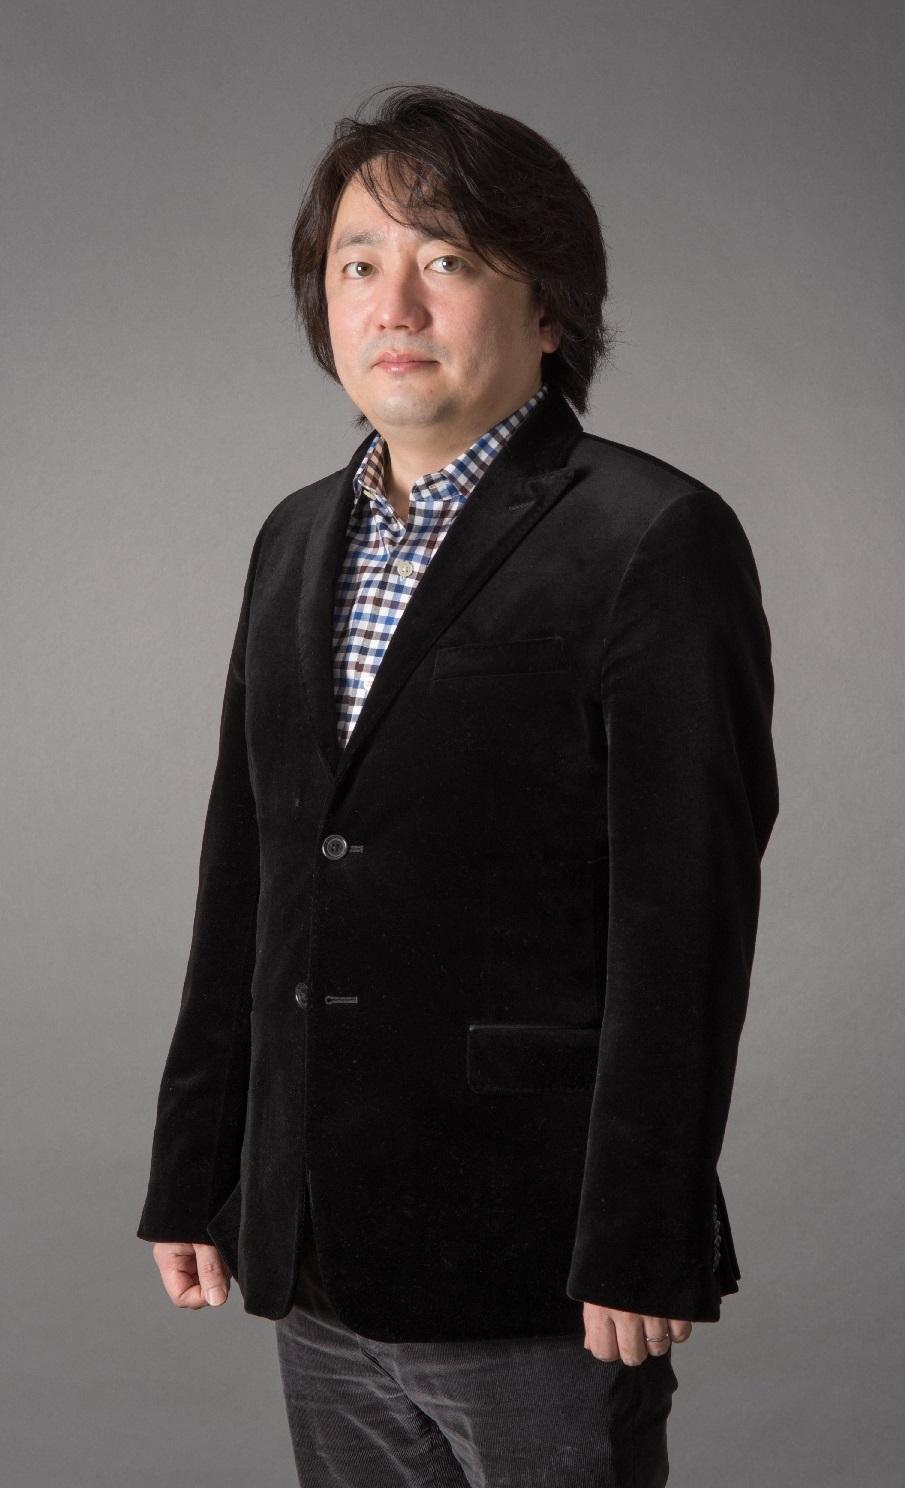 新アニメ『爆釣バーハンター』が2018年秋より放送開始! 広橋涼さん、内山夕実さん、斎賀みつきさん、根本幸多さんが出演!の画像-6